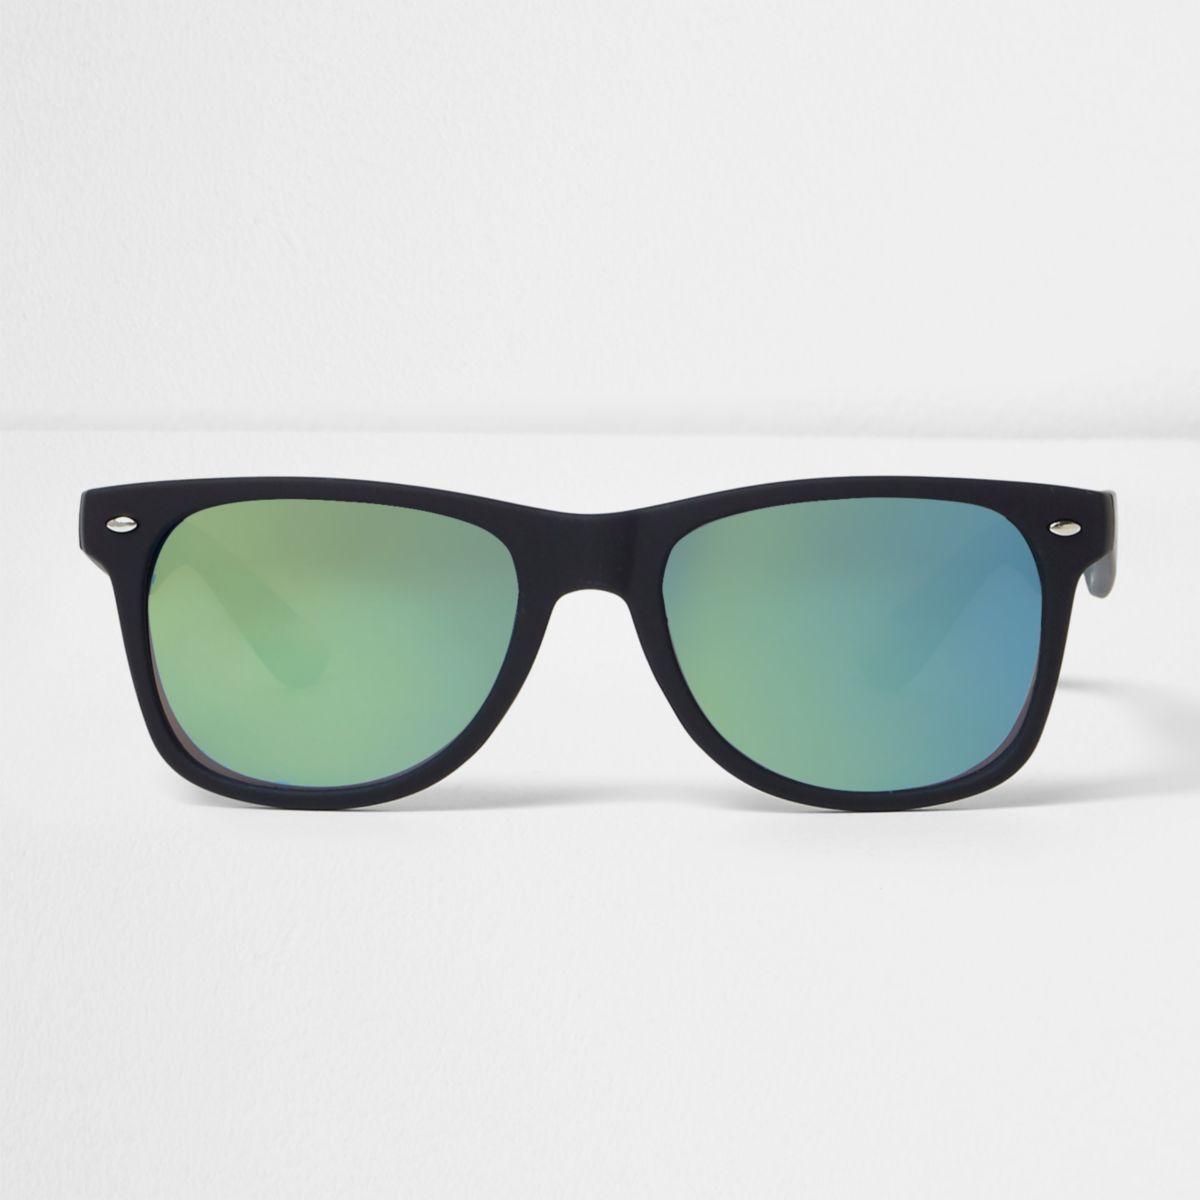 Lunettes de soleil rétro en caoutchouc noir à verres bleus